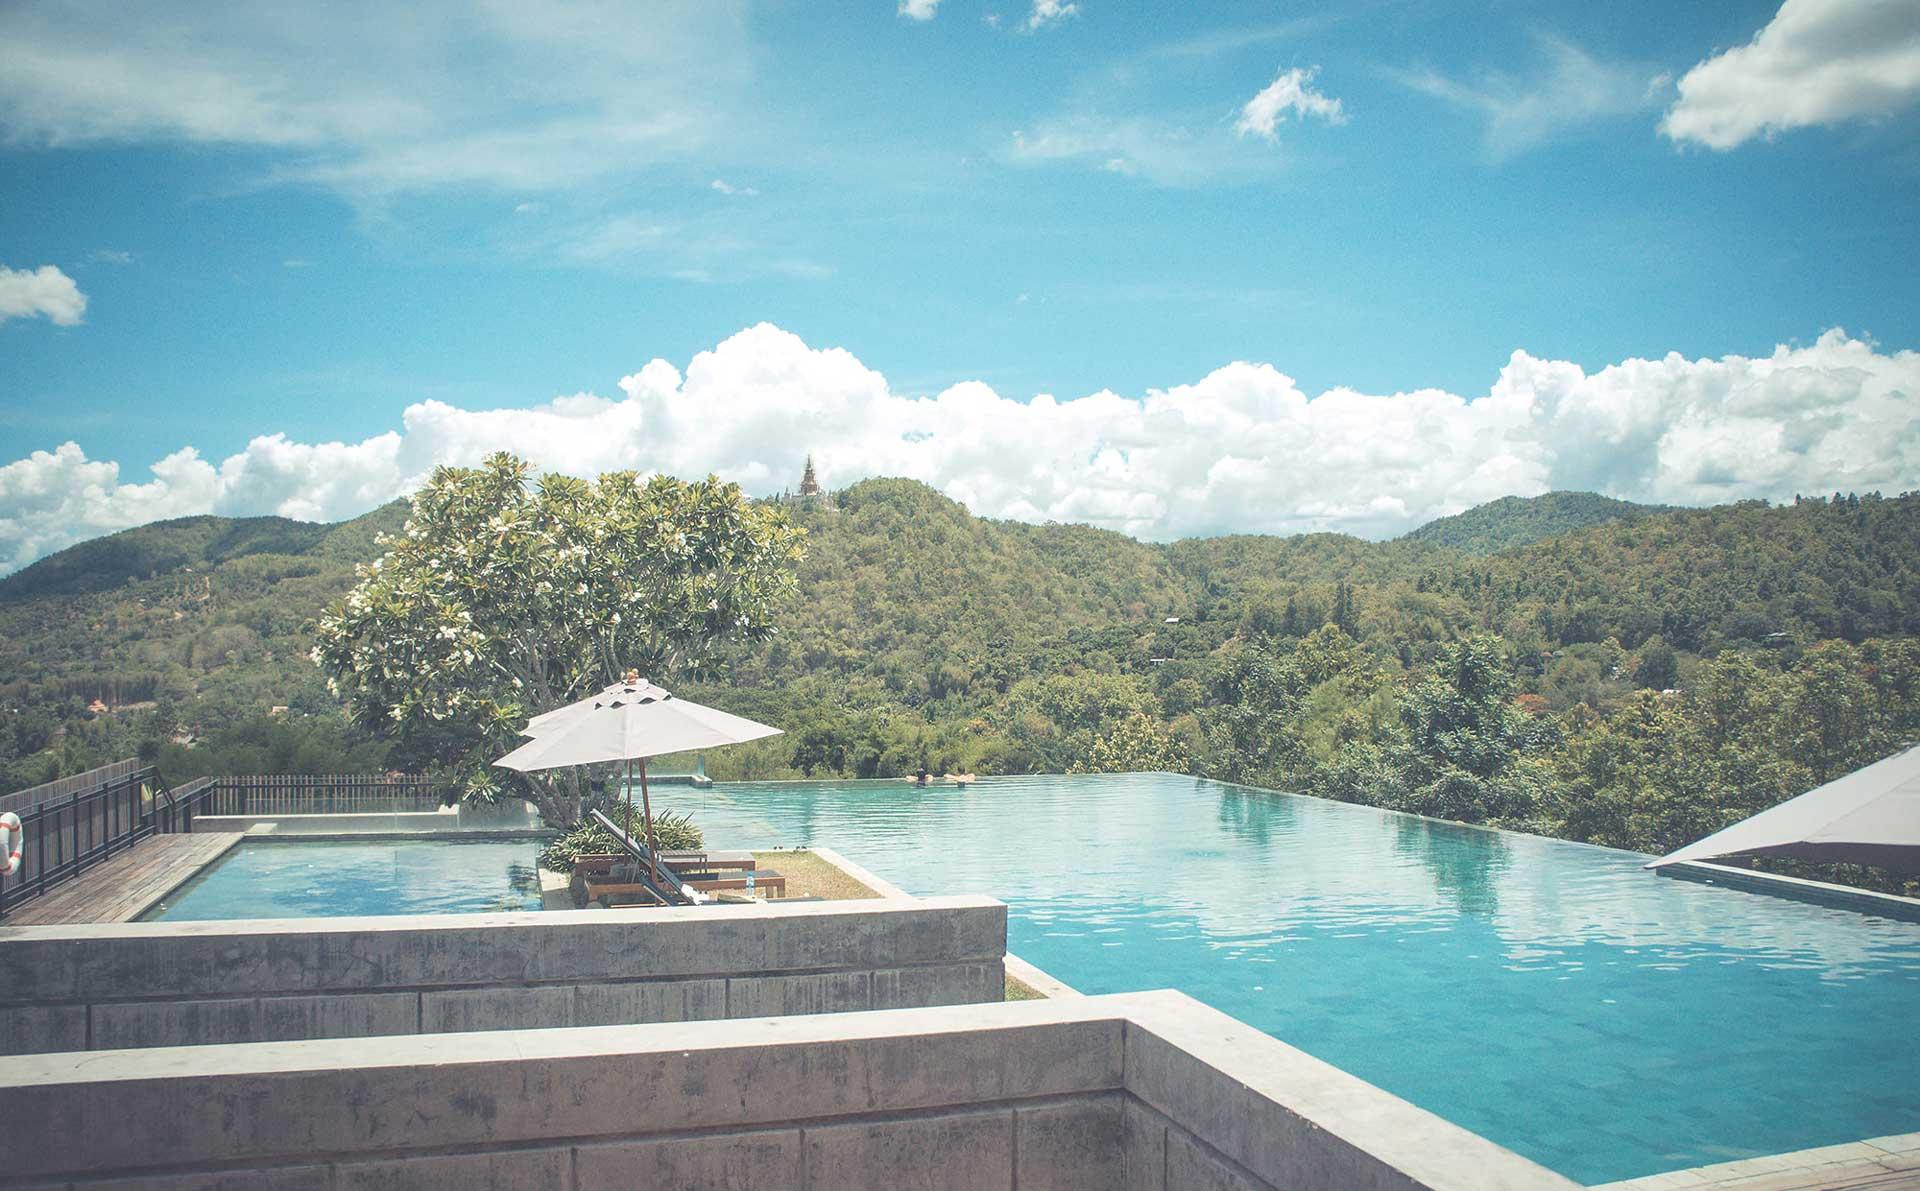 Mettre Piscine Sur Terrain En Pente les 3 questions à se poser avant de construire sa piscine